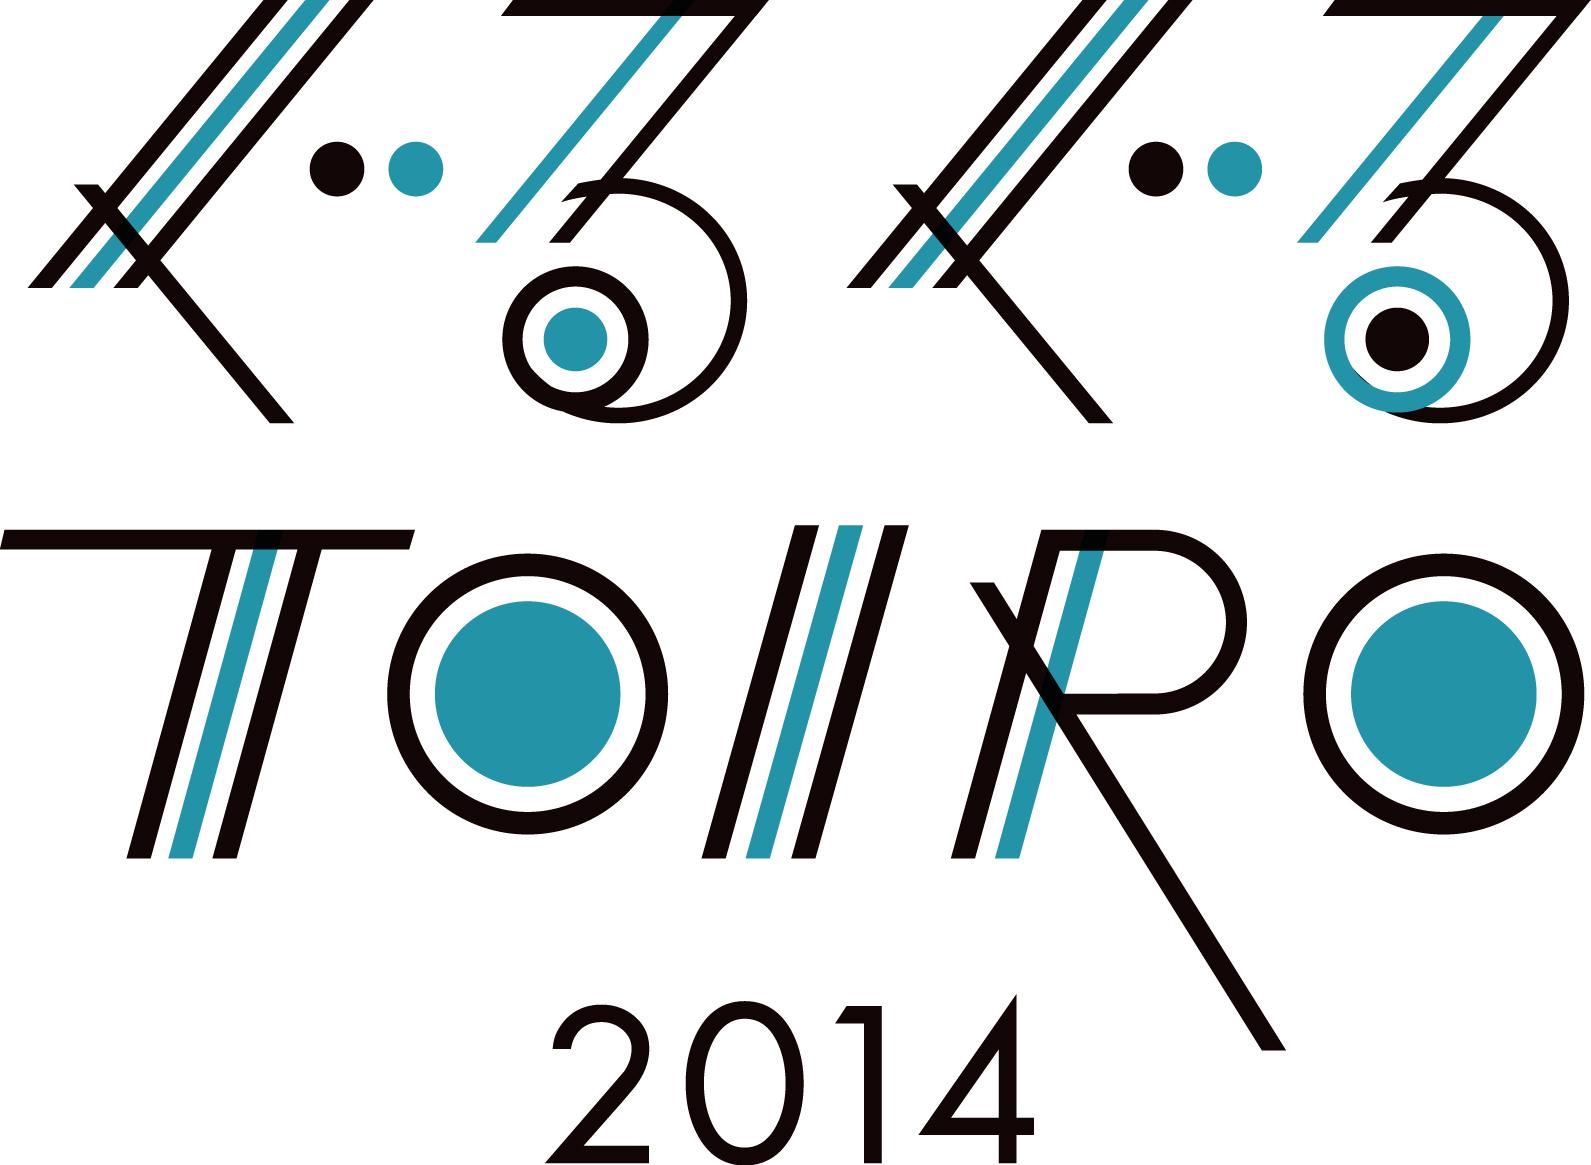 『ぐるぐるTOIRO2014』出演アーティスト第1弾発表!  パスカルズ、U-zhaan × mabanua、ASPARAGUSら総勢8組出演決定!!